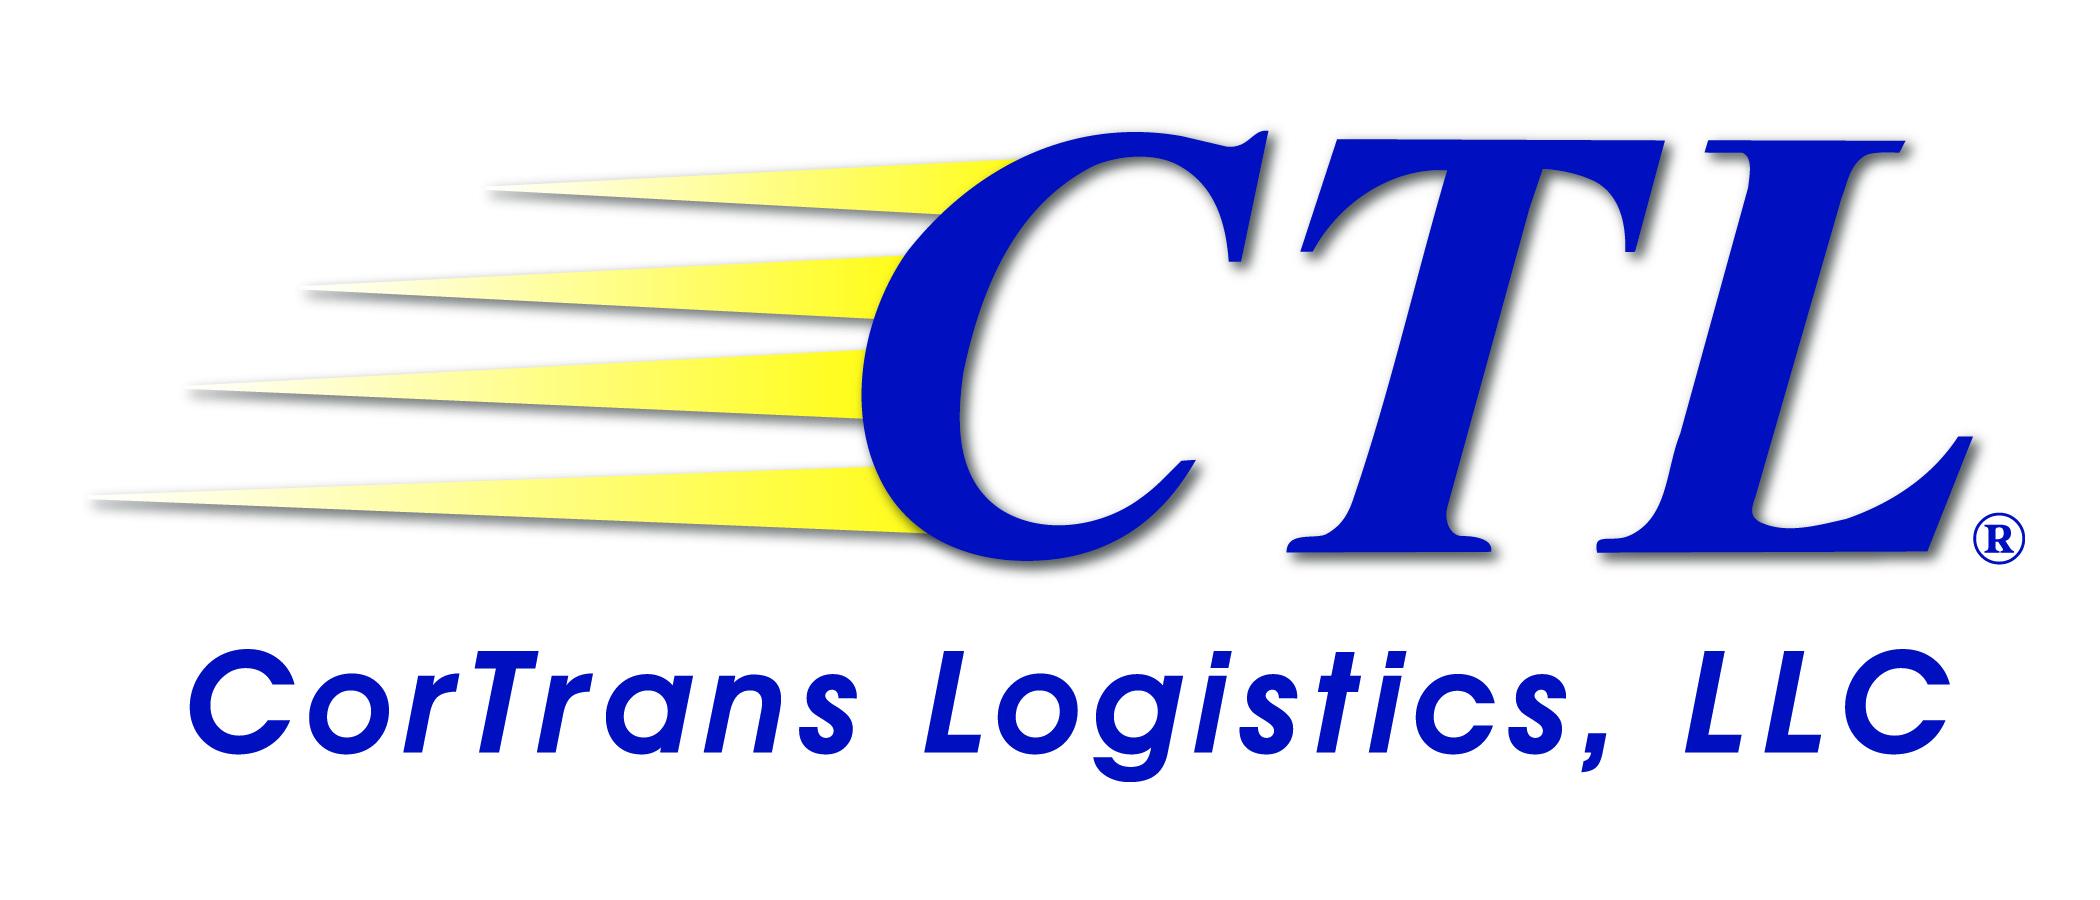 CorTrans Logistics, LLC